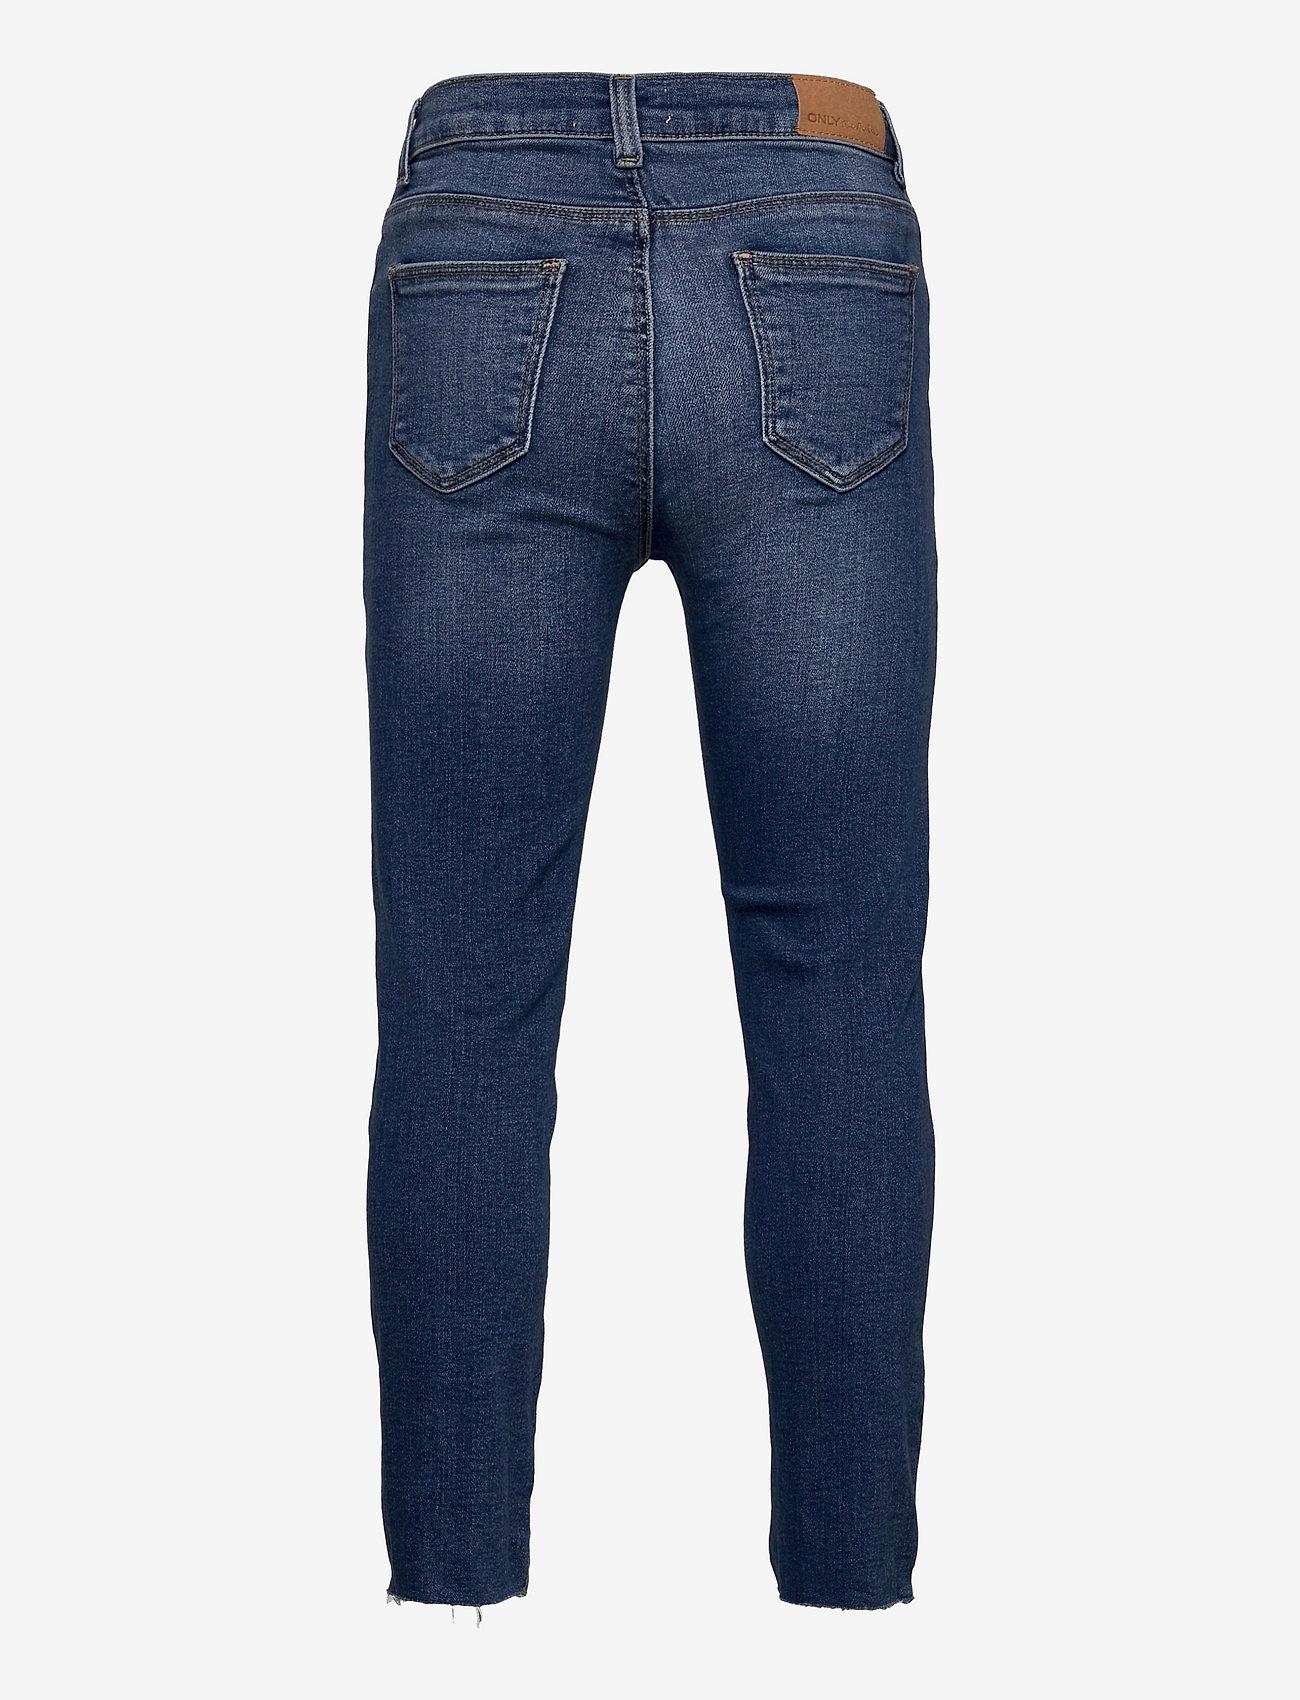 Kids Only - KONEMILY ST RAW  MED BLUE JEANS - jeans - medium blue denim - 1